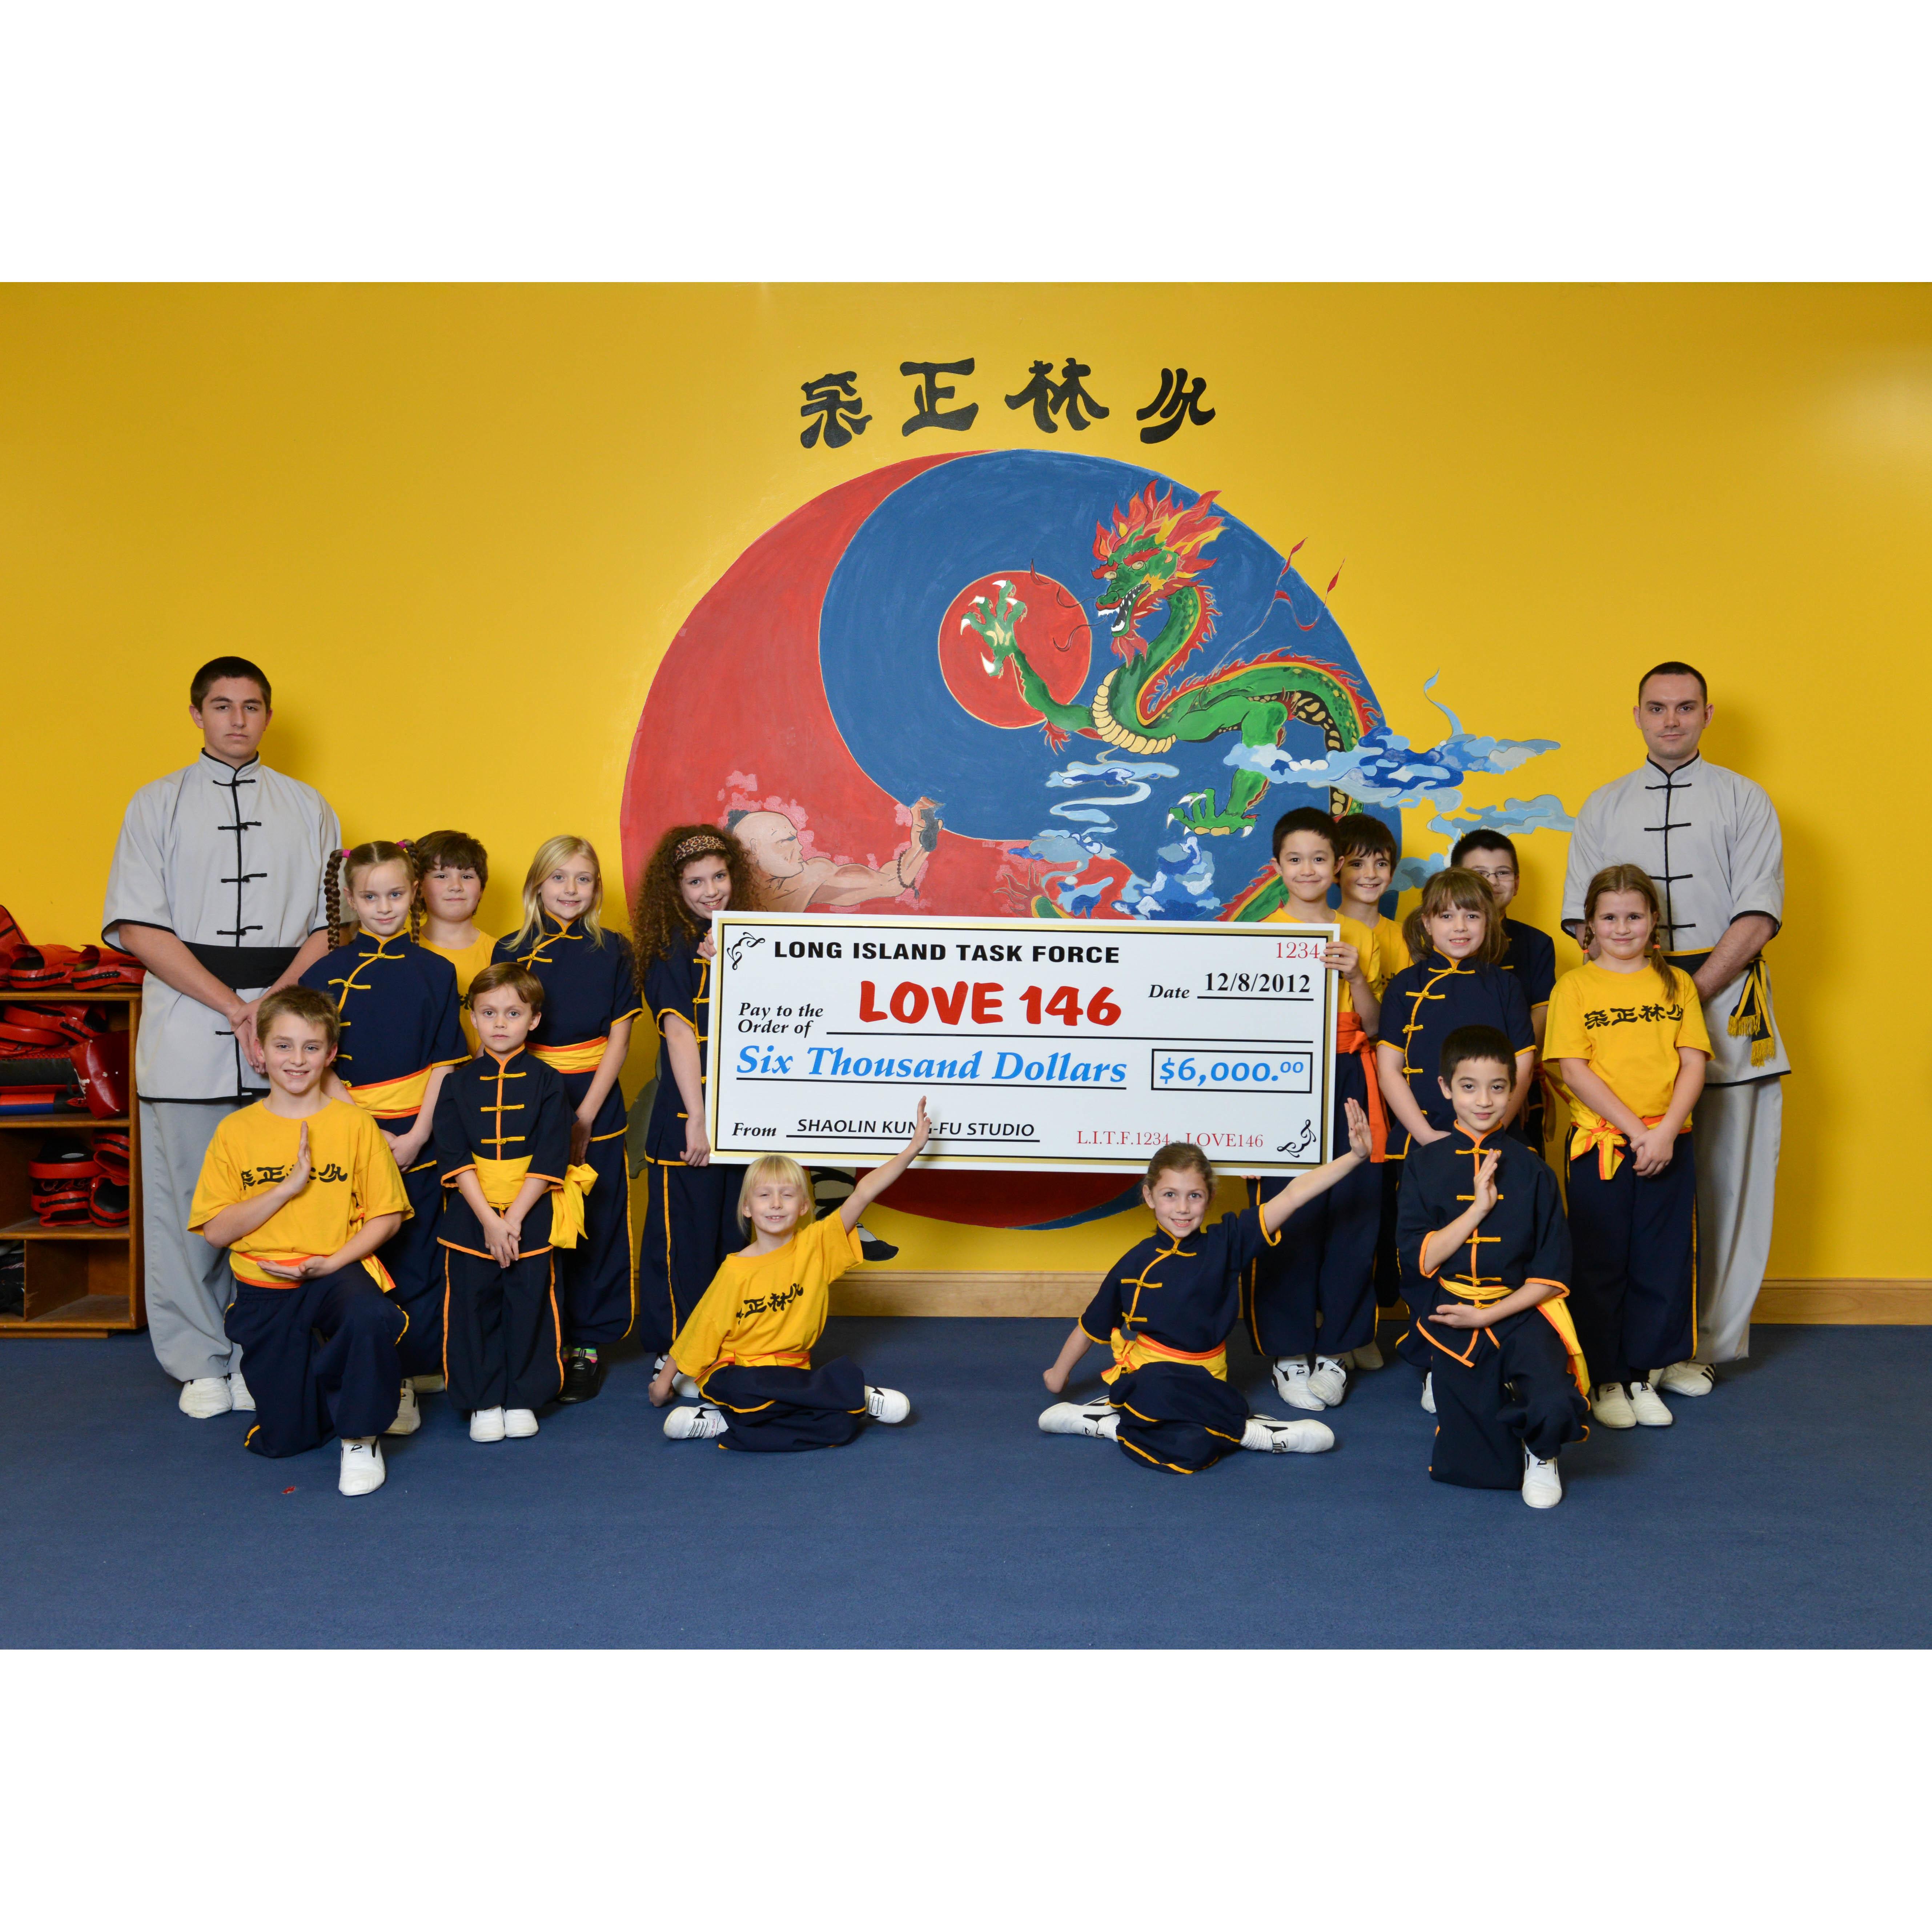 Shaolin Kung Fu & Fitness - Rocky Point, NY - Martial Arts Instruction